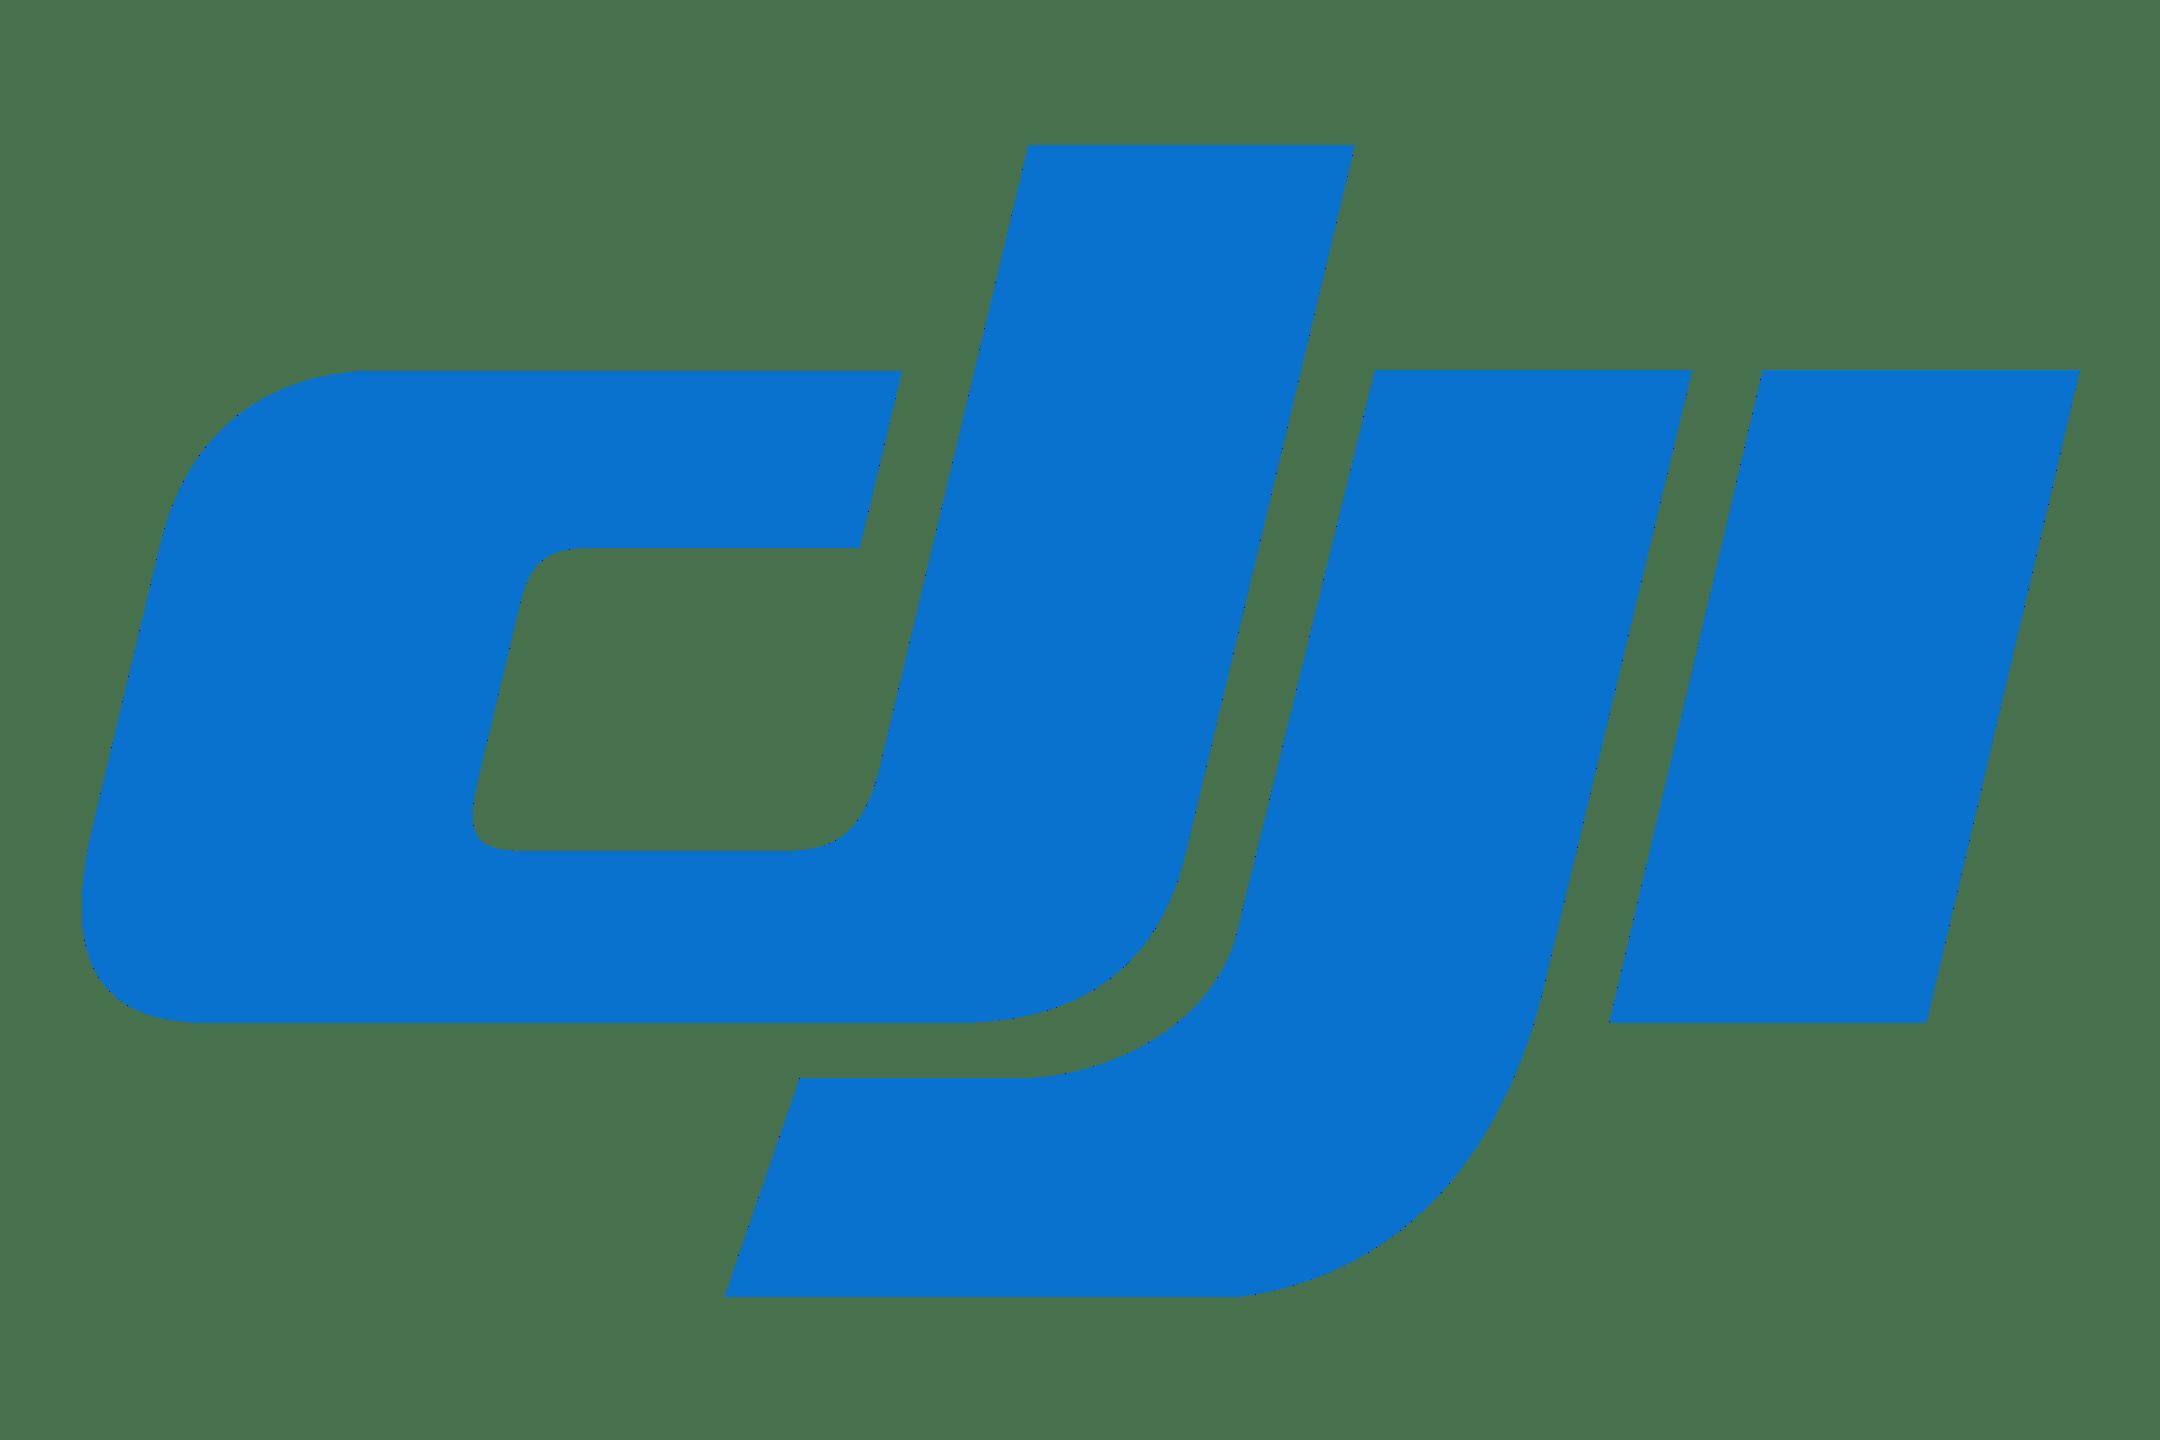 DJI Innovations company logo